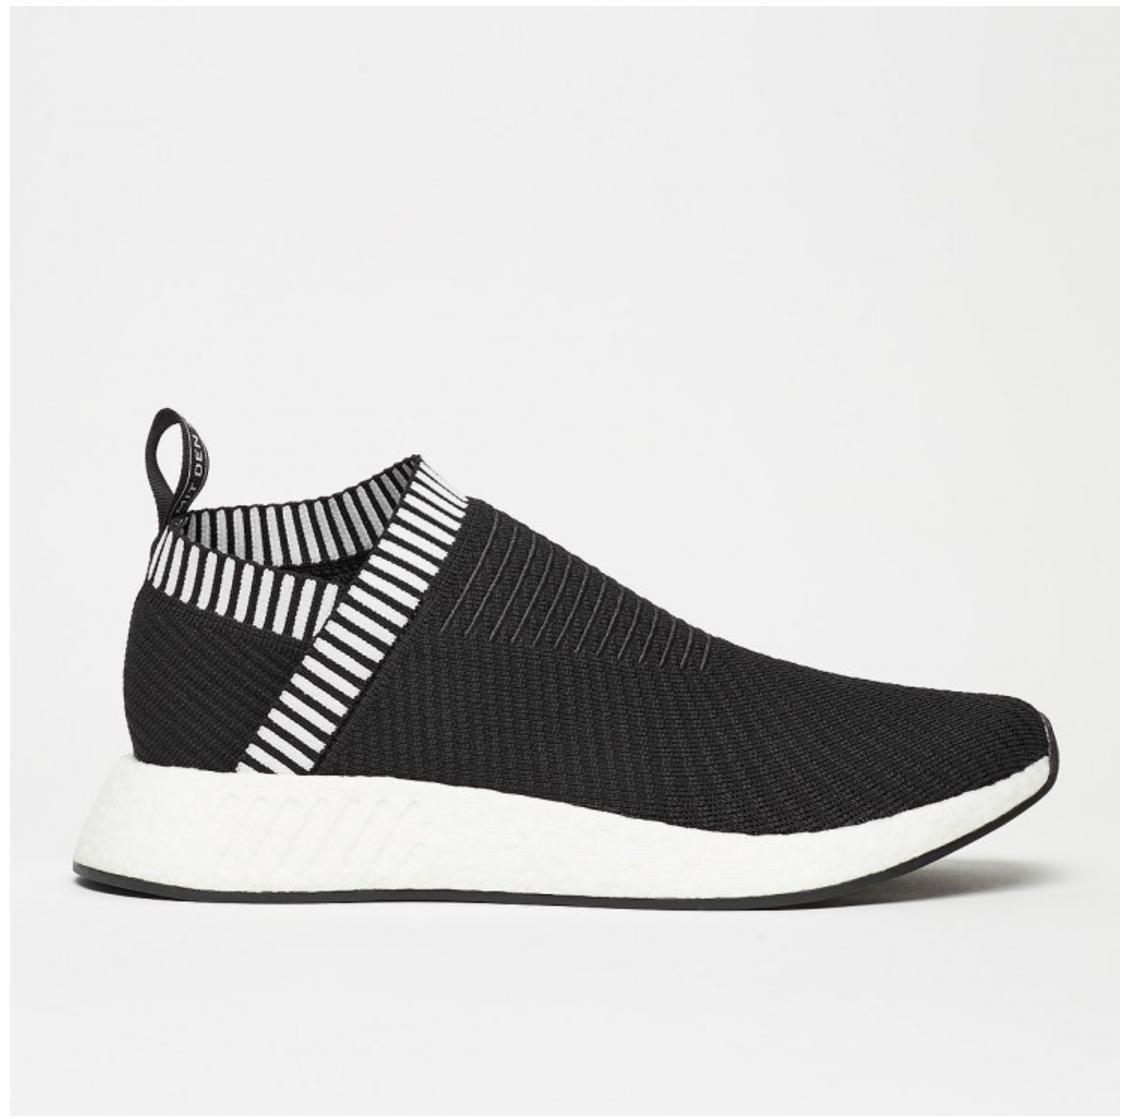 Sélection de chaussures en soldes - Ex : Sneakers Adidas NMD CS2 PK